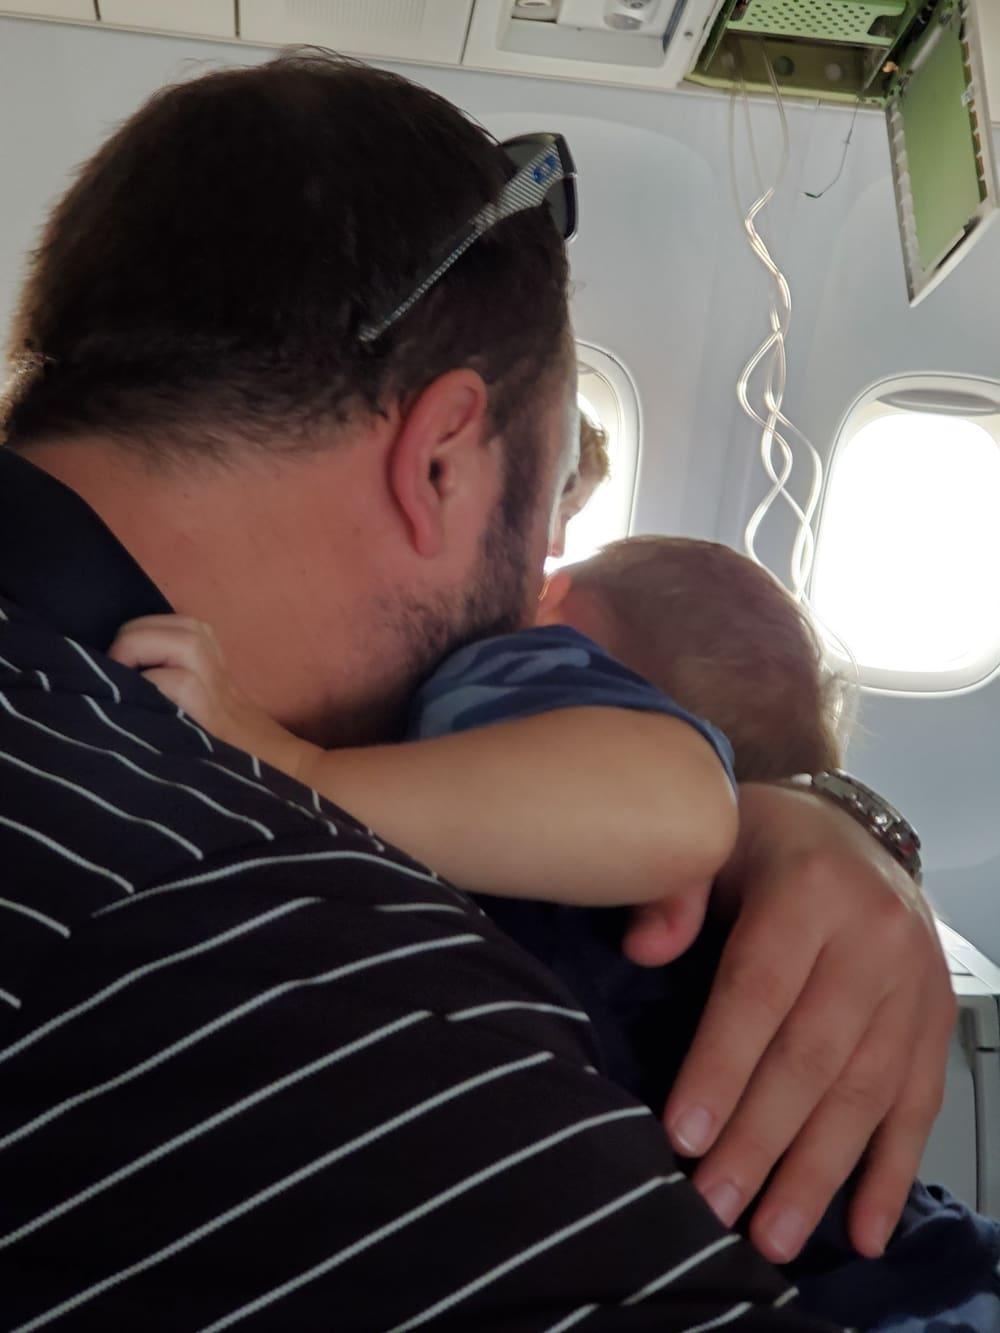 USA: Flugzeug stürzt 9000 Meter in die Tiefe